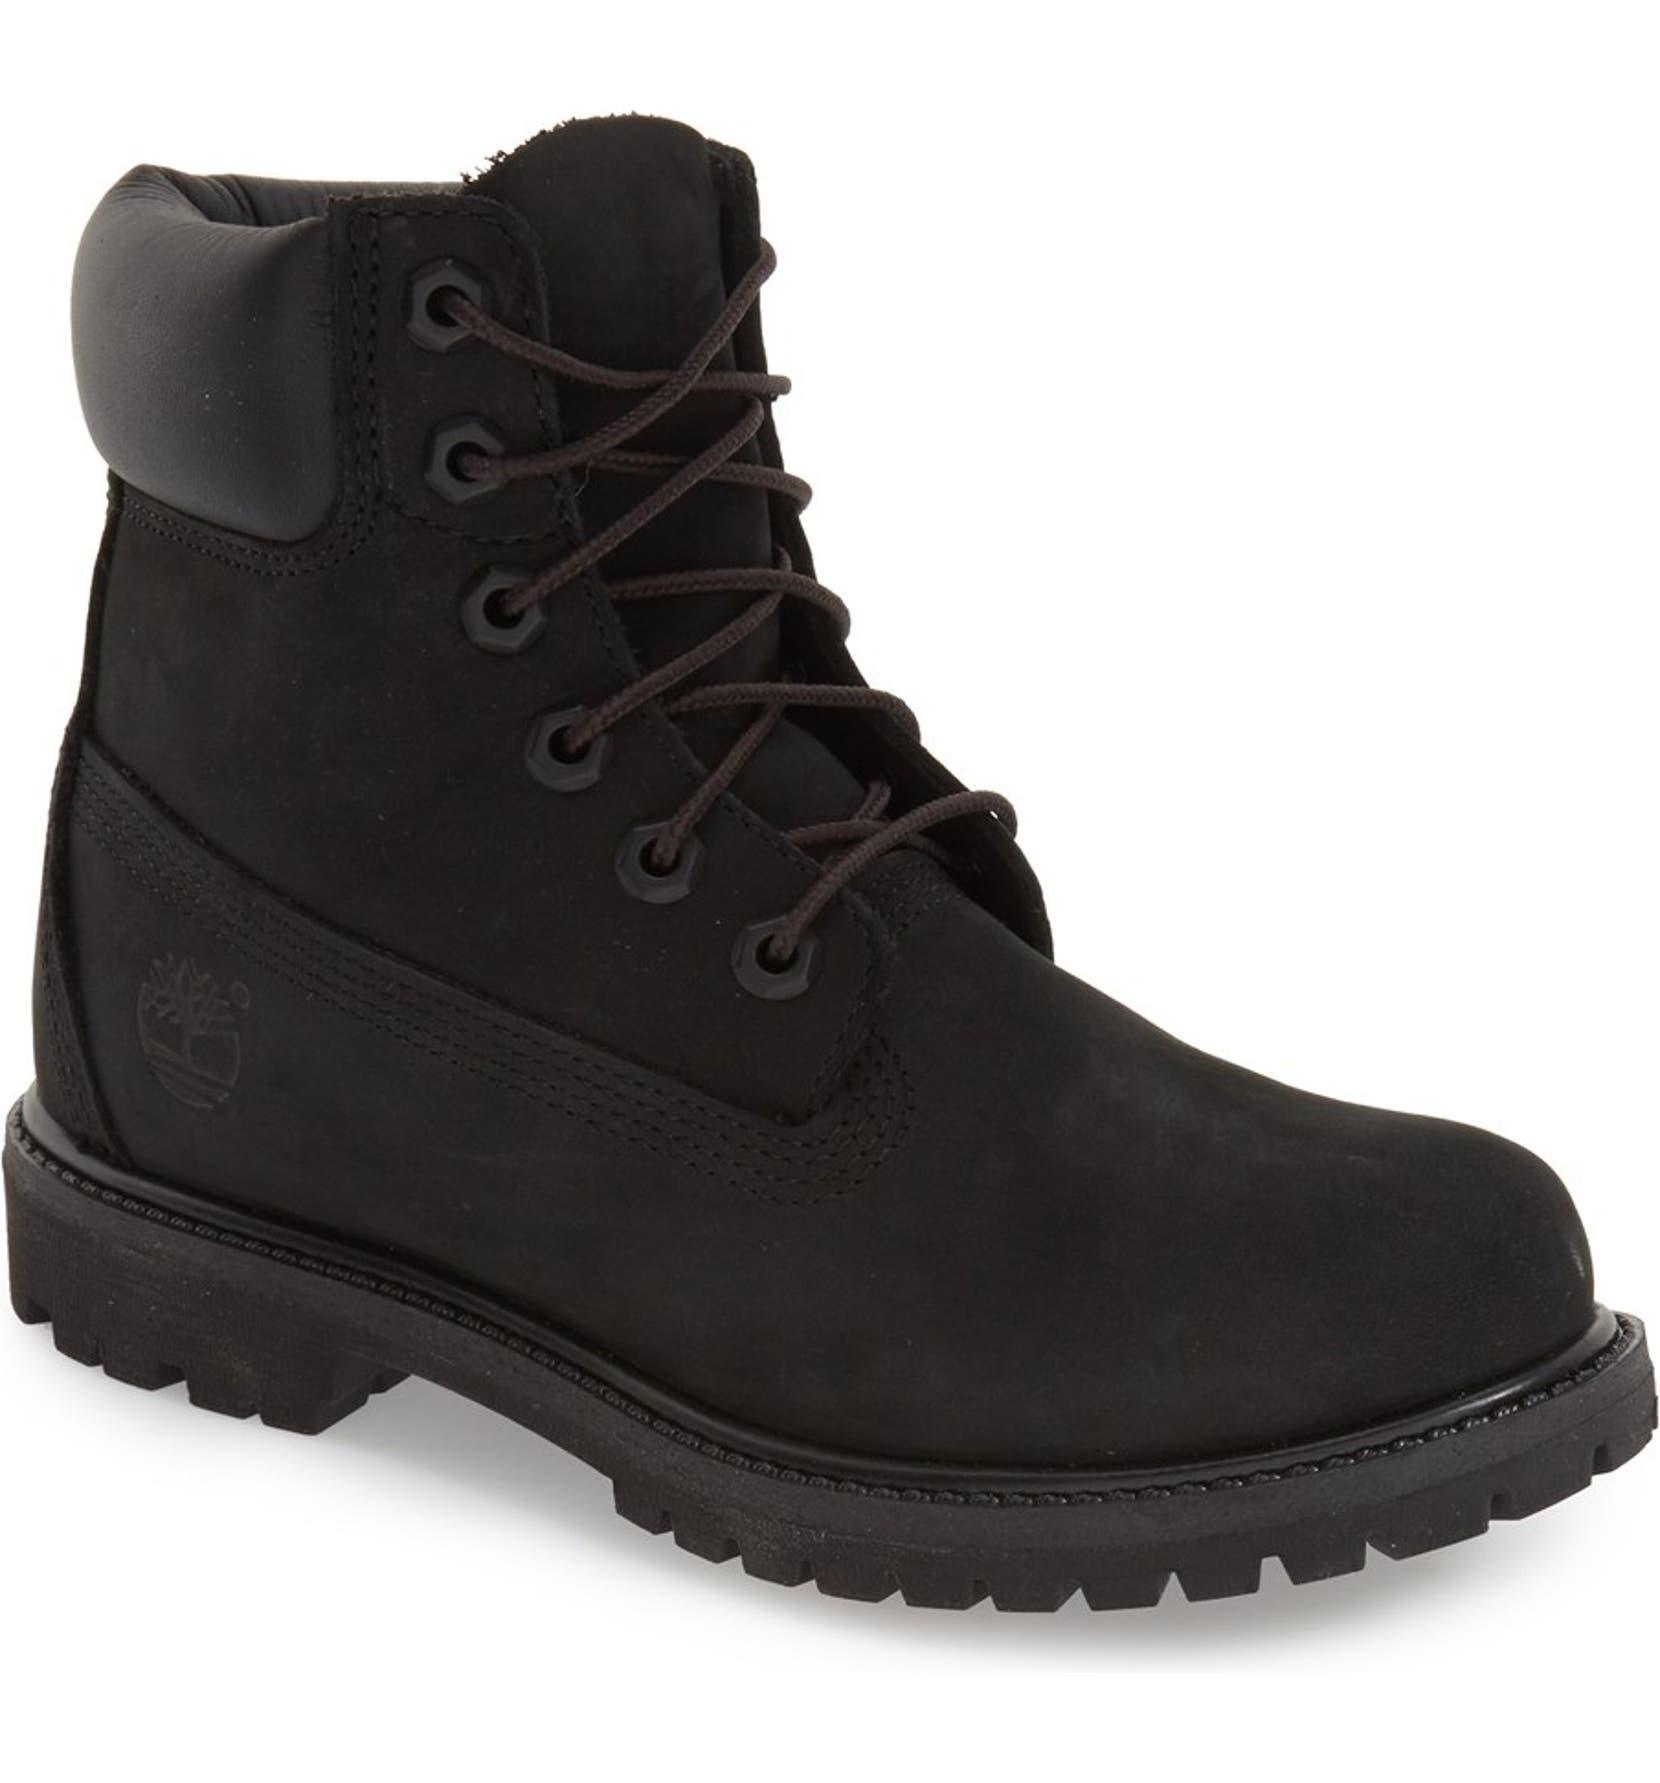 c6e5414dbce 6 Inch Premium Waterproof Boot